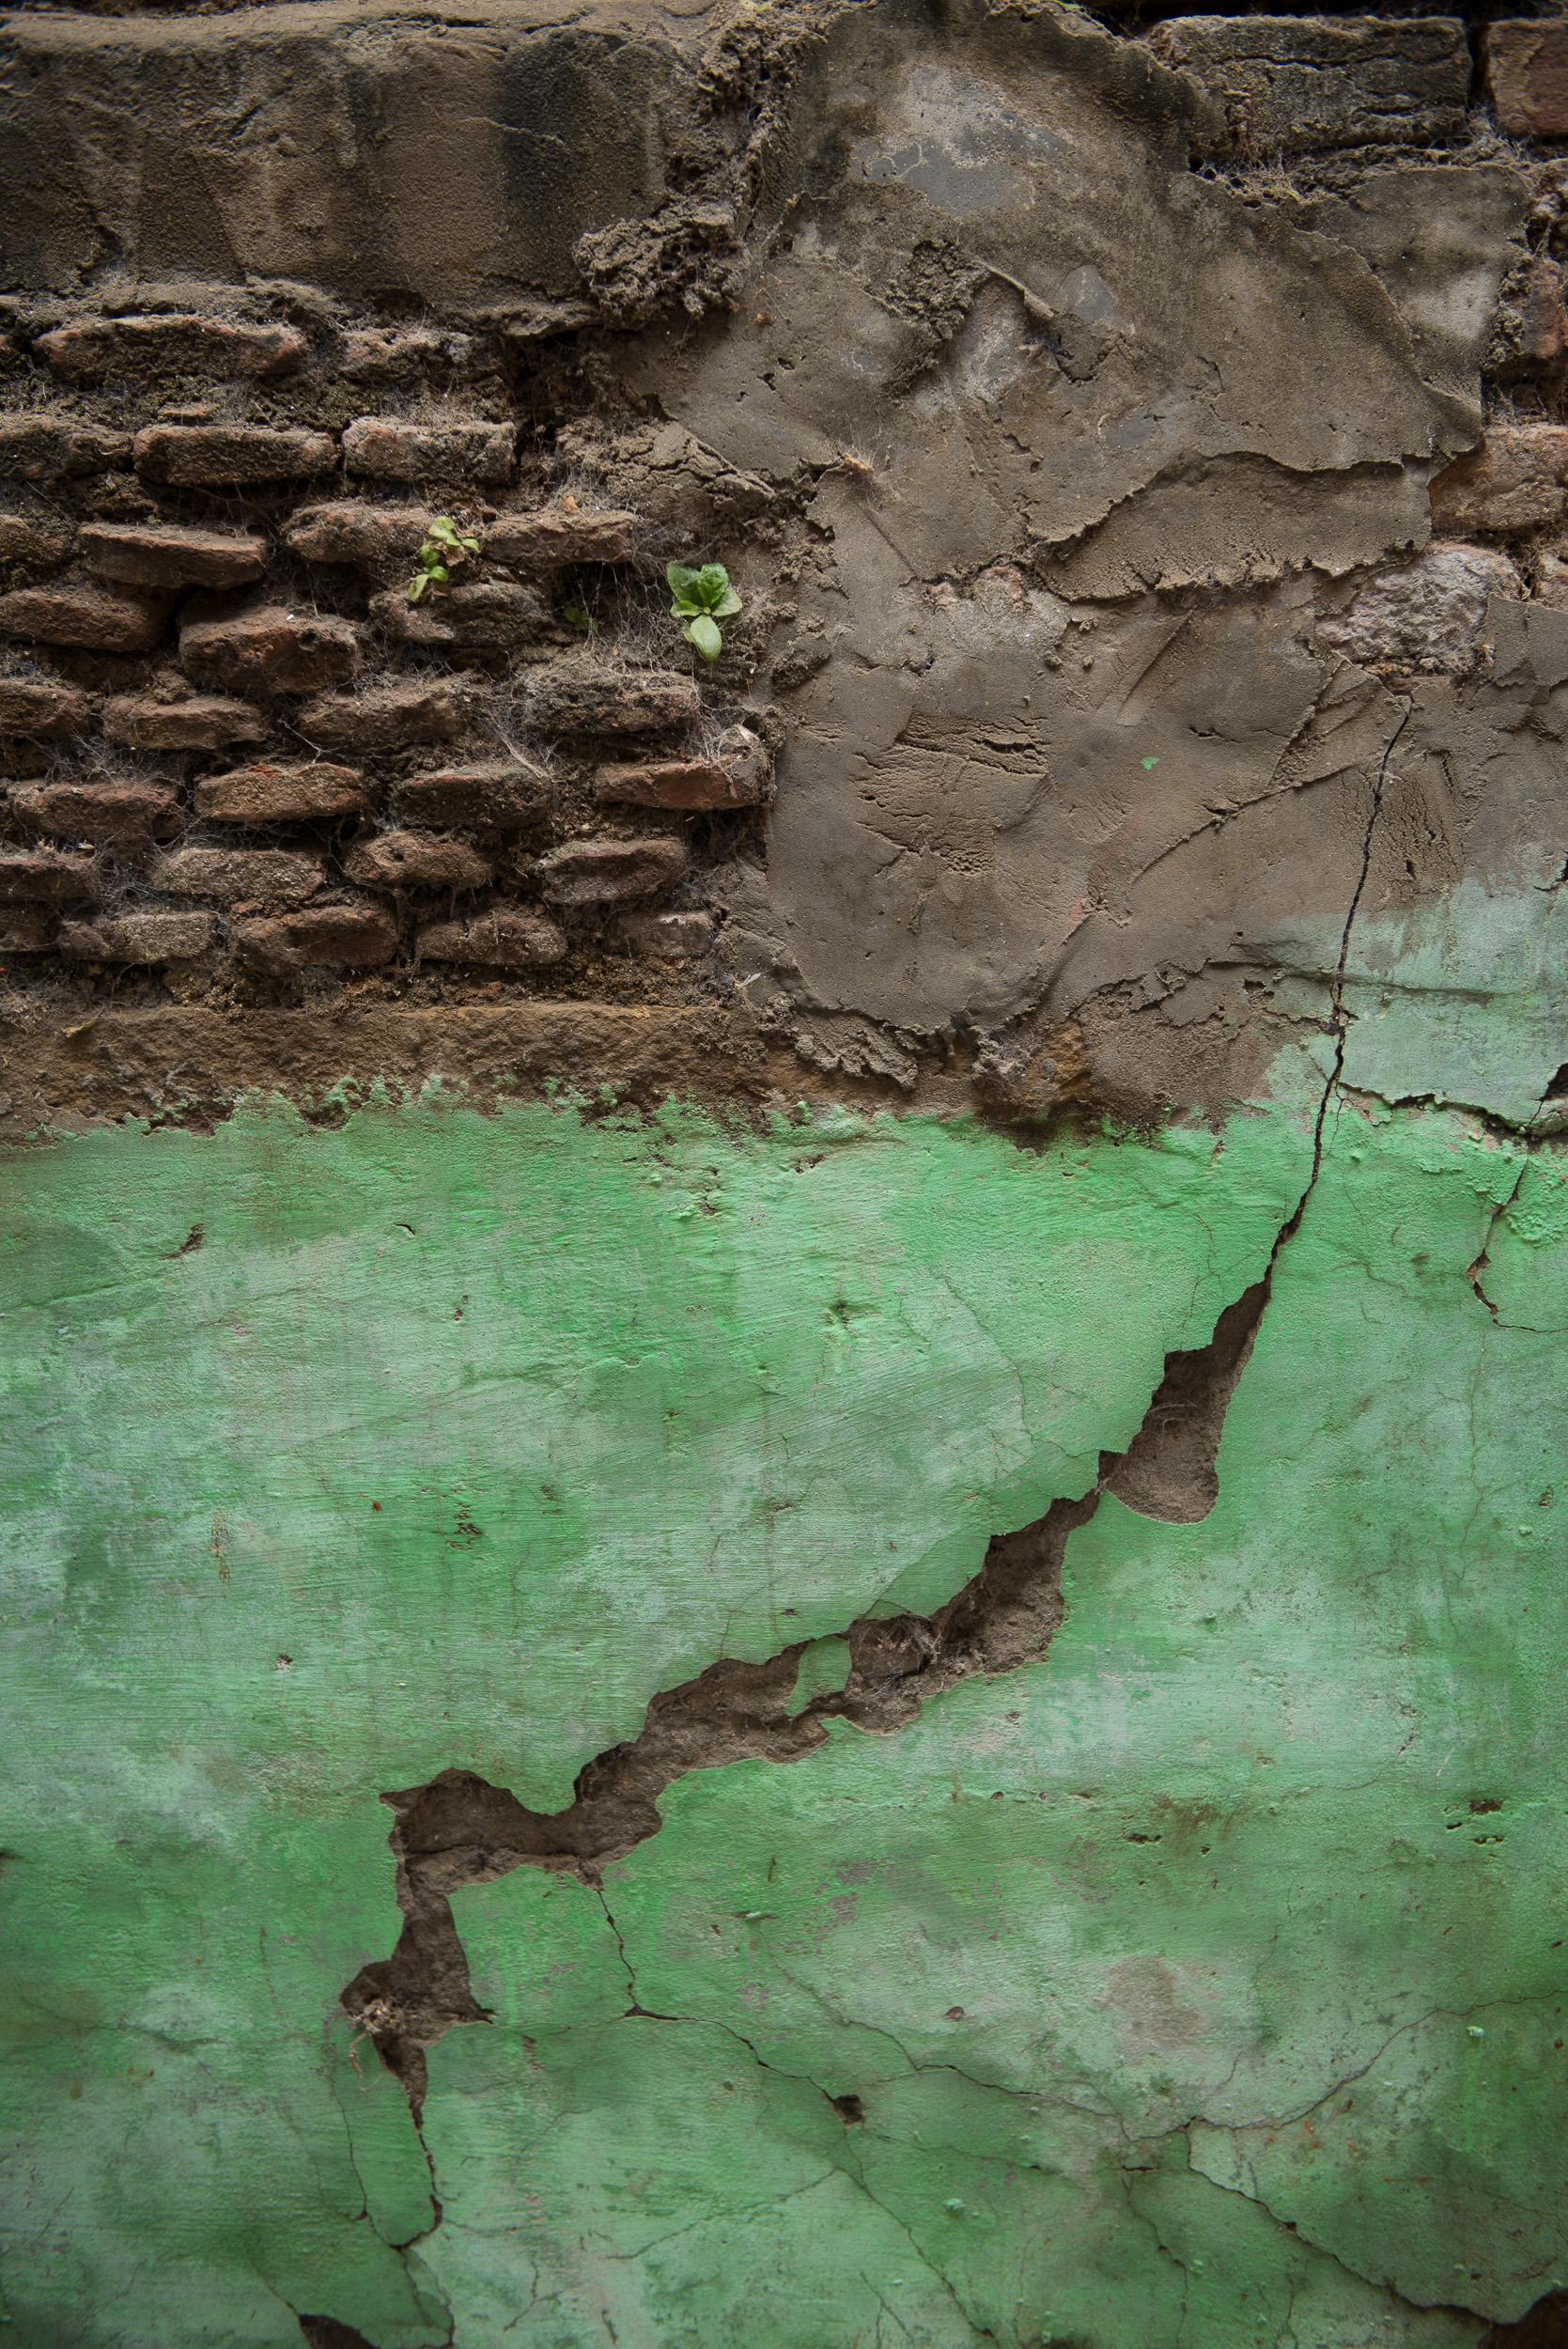 meyer-india-varanasi-26.jpg